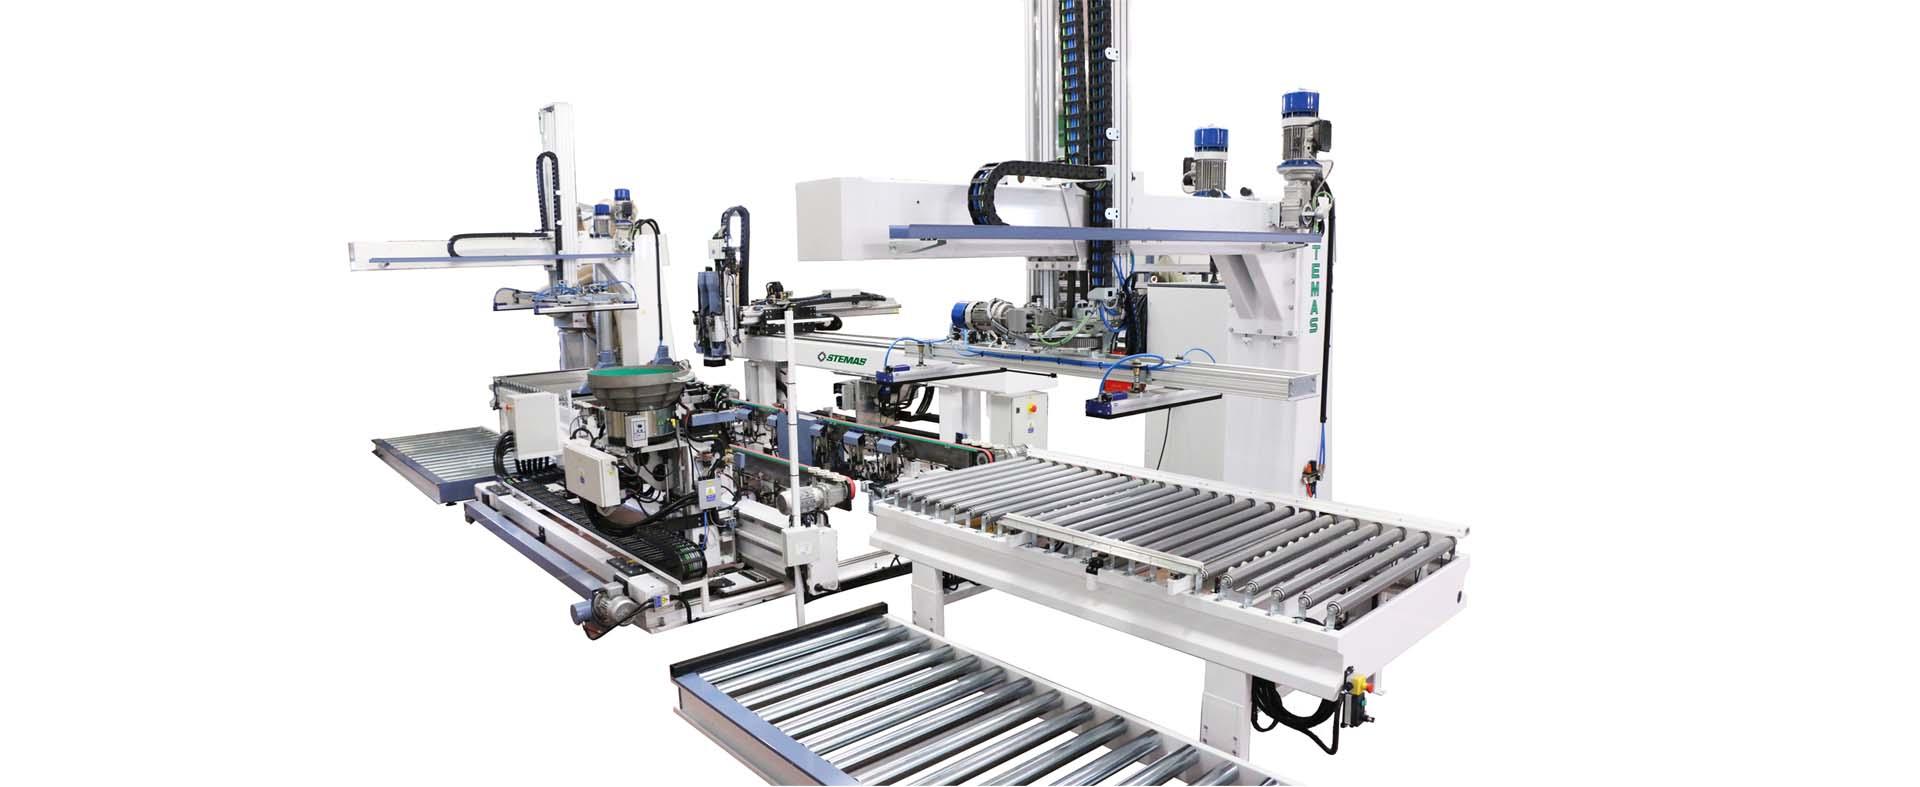 Centros de mecanizado CNC para puertas